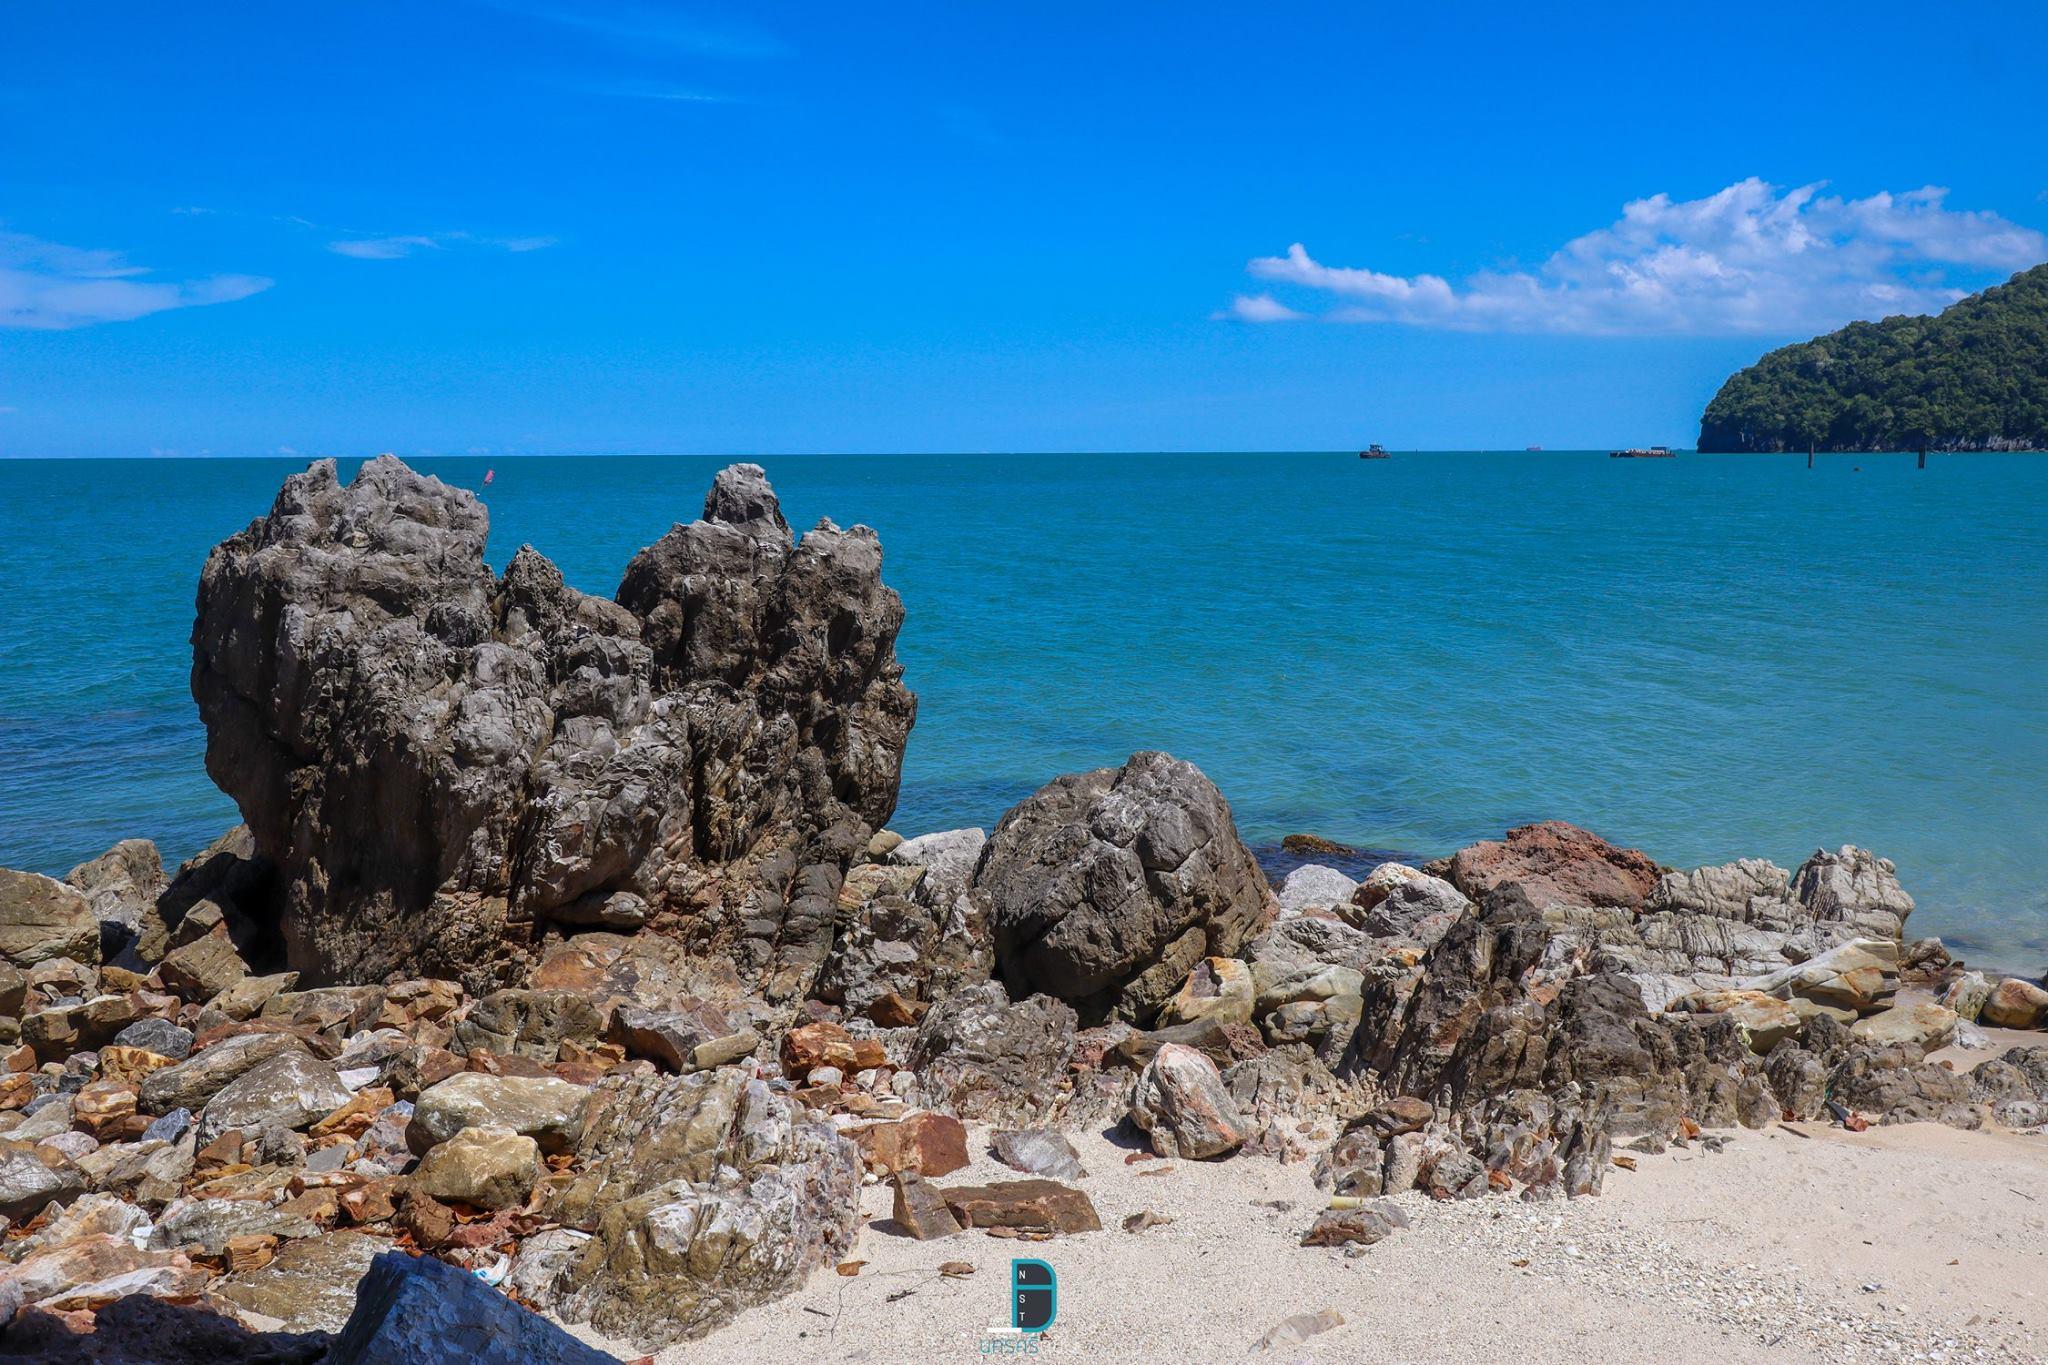 7.-อ่าวท้องโหนด-ขนอม-น้ำใสสุดๆแบบที่เห็นกันไปถึงผิวทรายด้านล่างกันเลยทีเดียว-หาดทรายสีขาวพร้อมด้วยเปลือกหอยเยอะแยะมากมายนานาชนิดเลยครับ รายละเอียด-คลิกที่นี่ แหล่งท่องเที่ยว,นครศรี,จุดเช็คอิน,จุดถ่ายรูป,คาเฟ่,ของกิน,จุดกิน